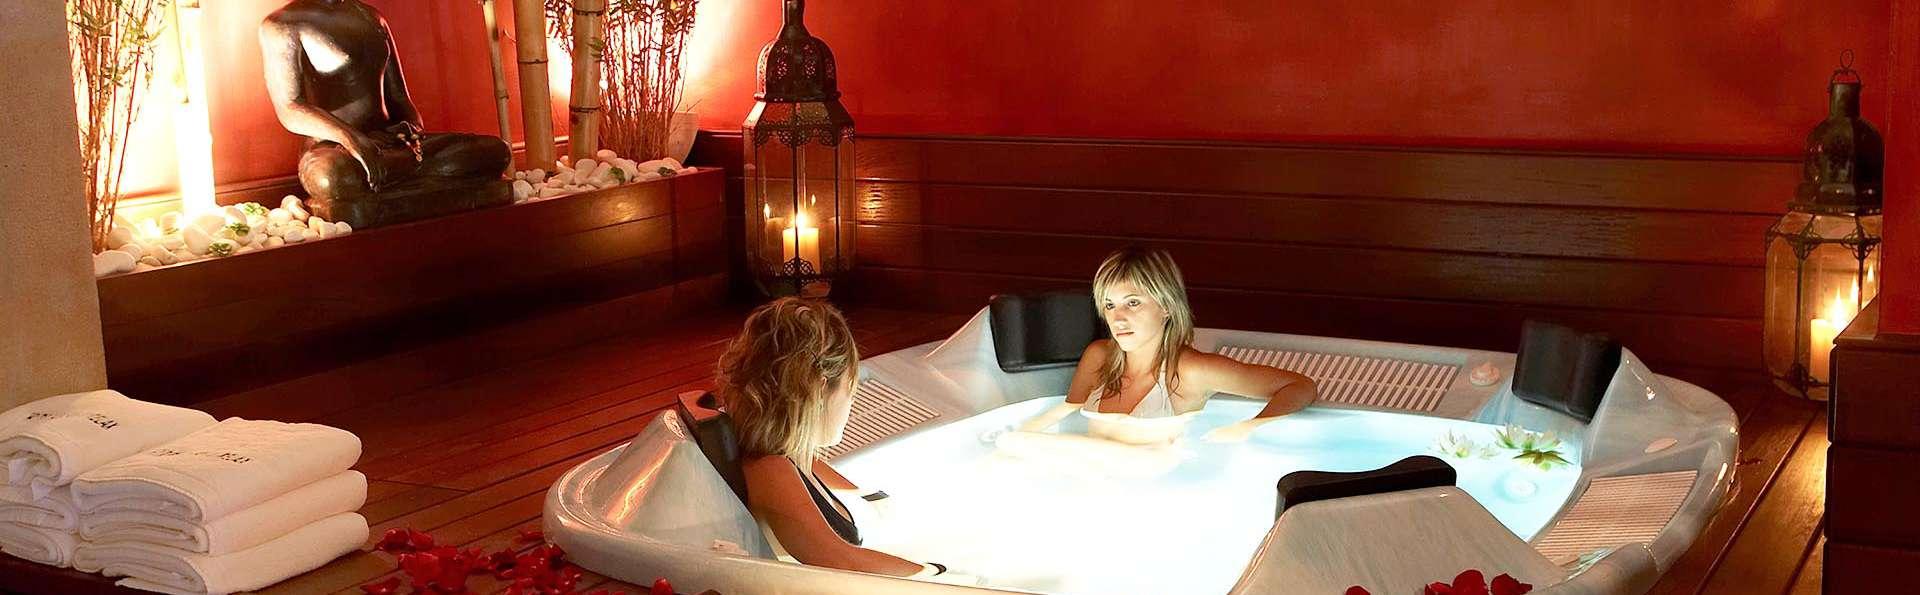 Escapade haut de gamme : séjour en chambre supérieure bain hydromassant, spa, dîner et plus